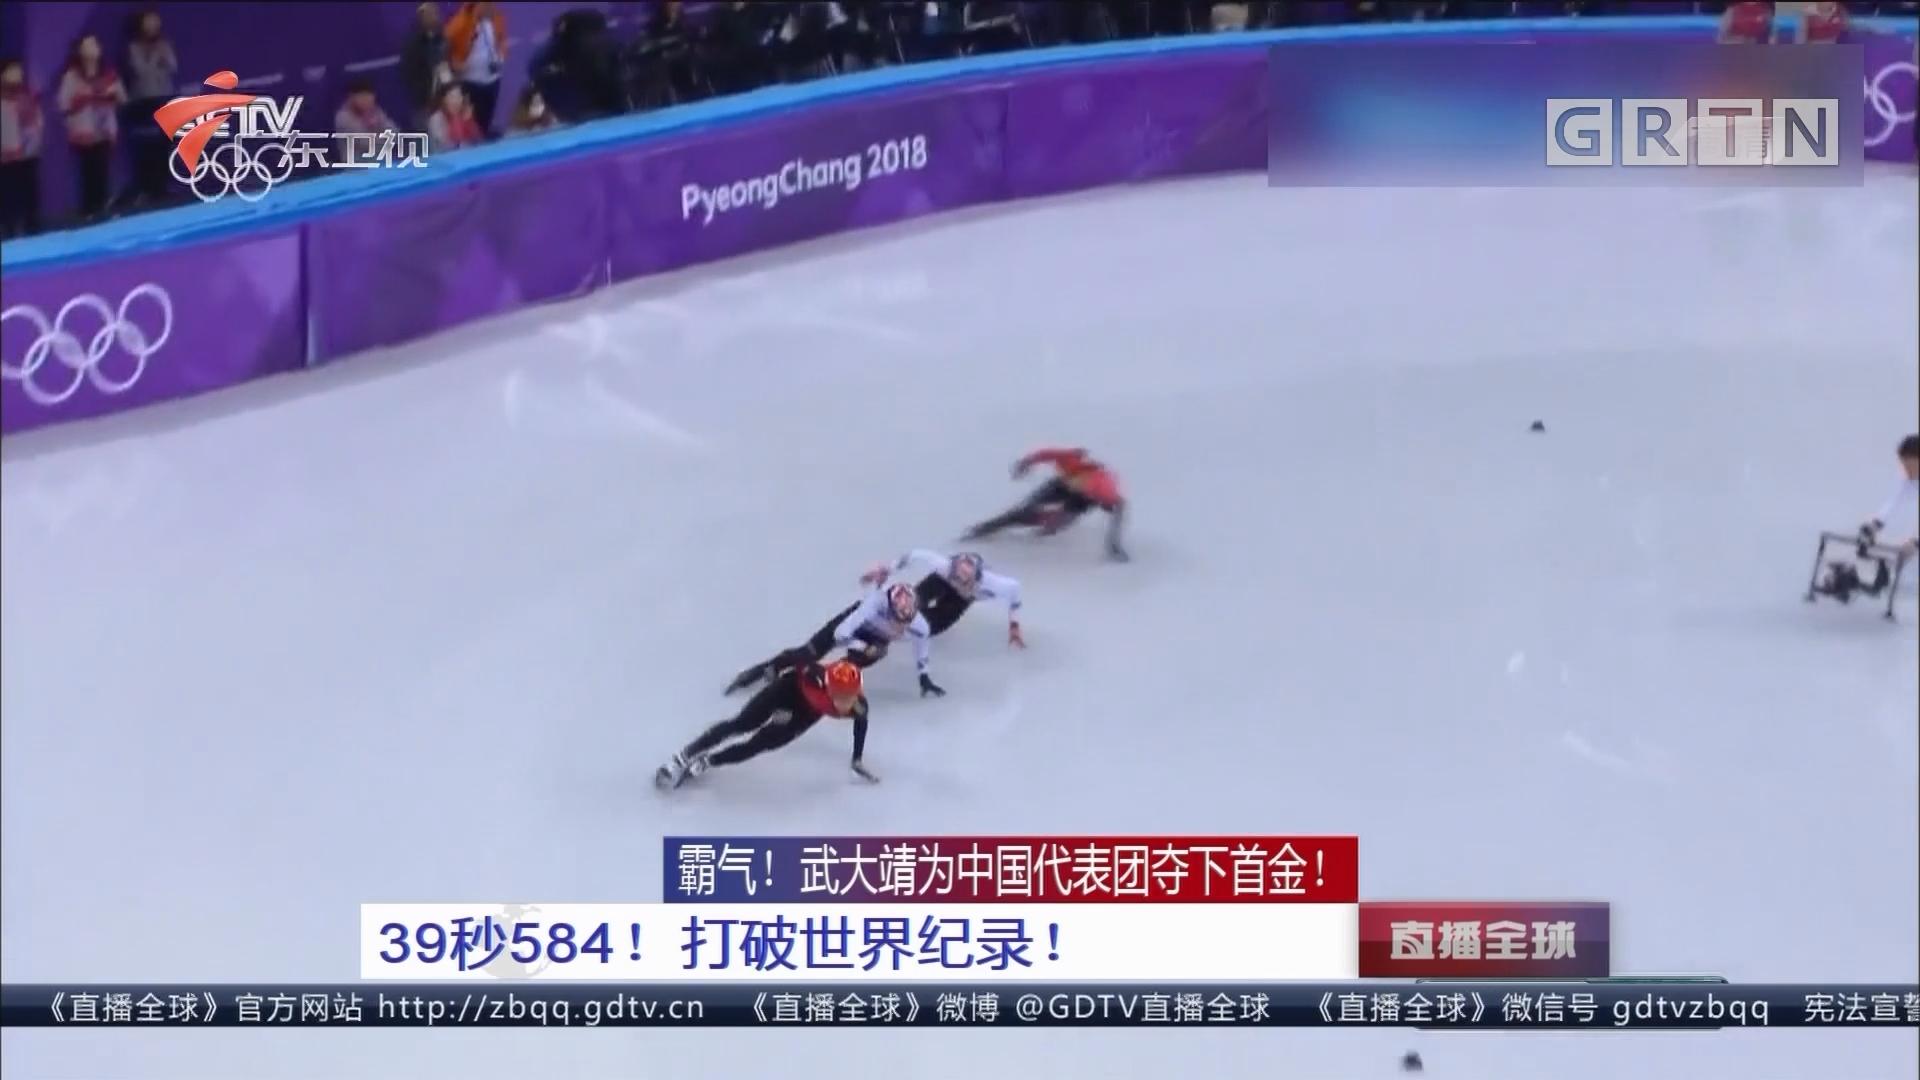 霸气!武大靖为中国代表团夺下首金!39秒584!打破世界纪录!